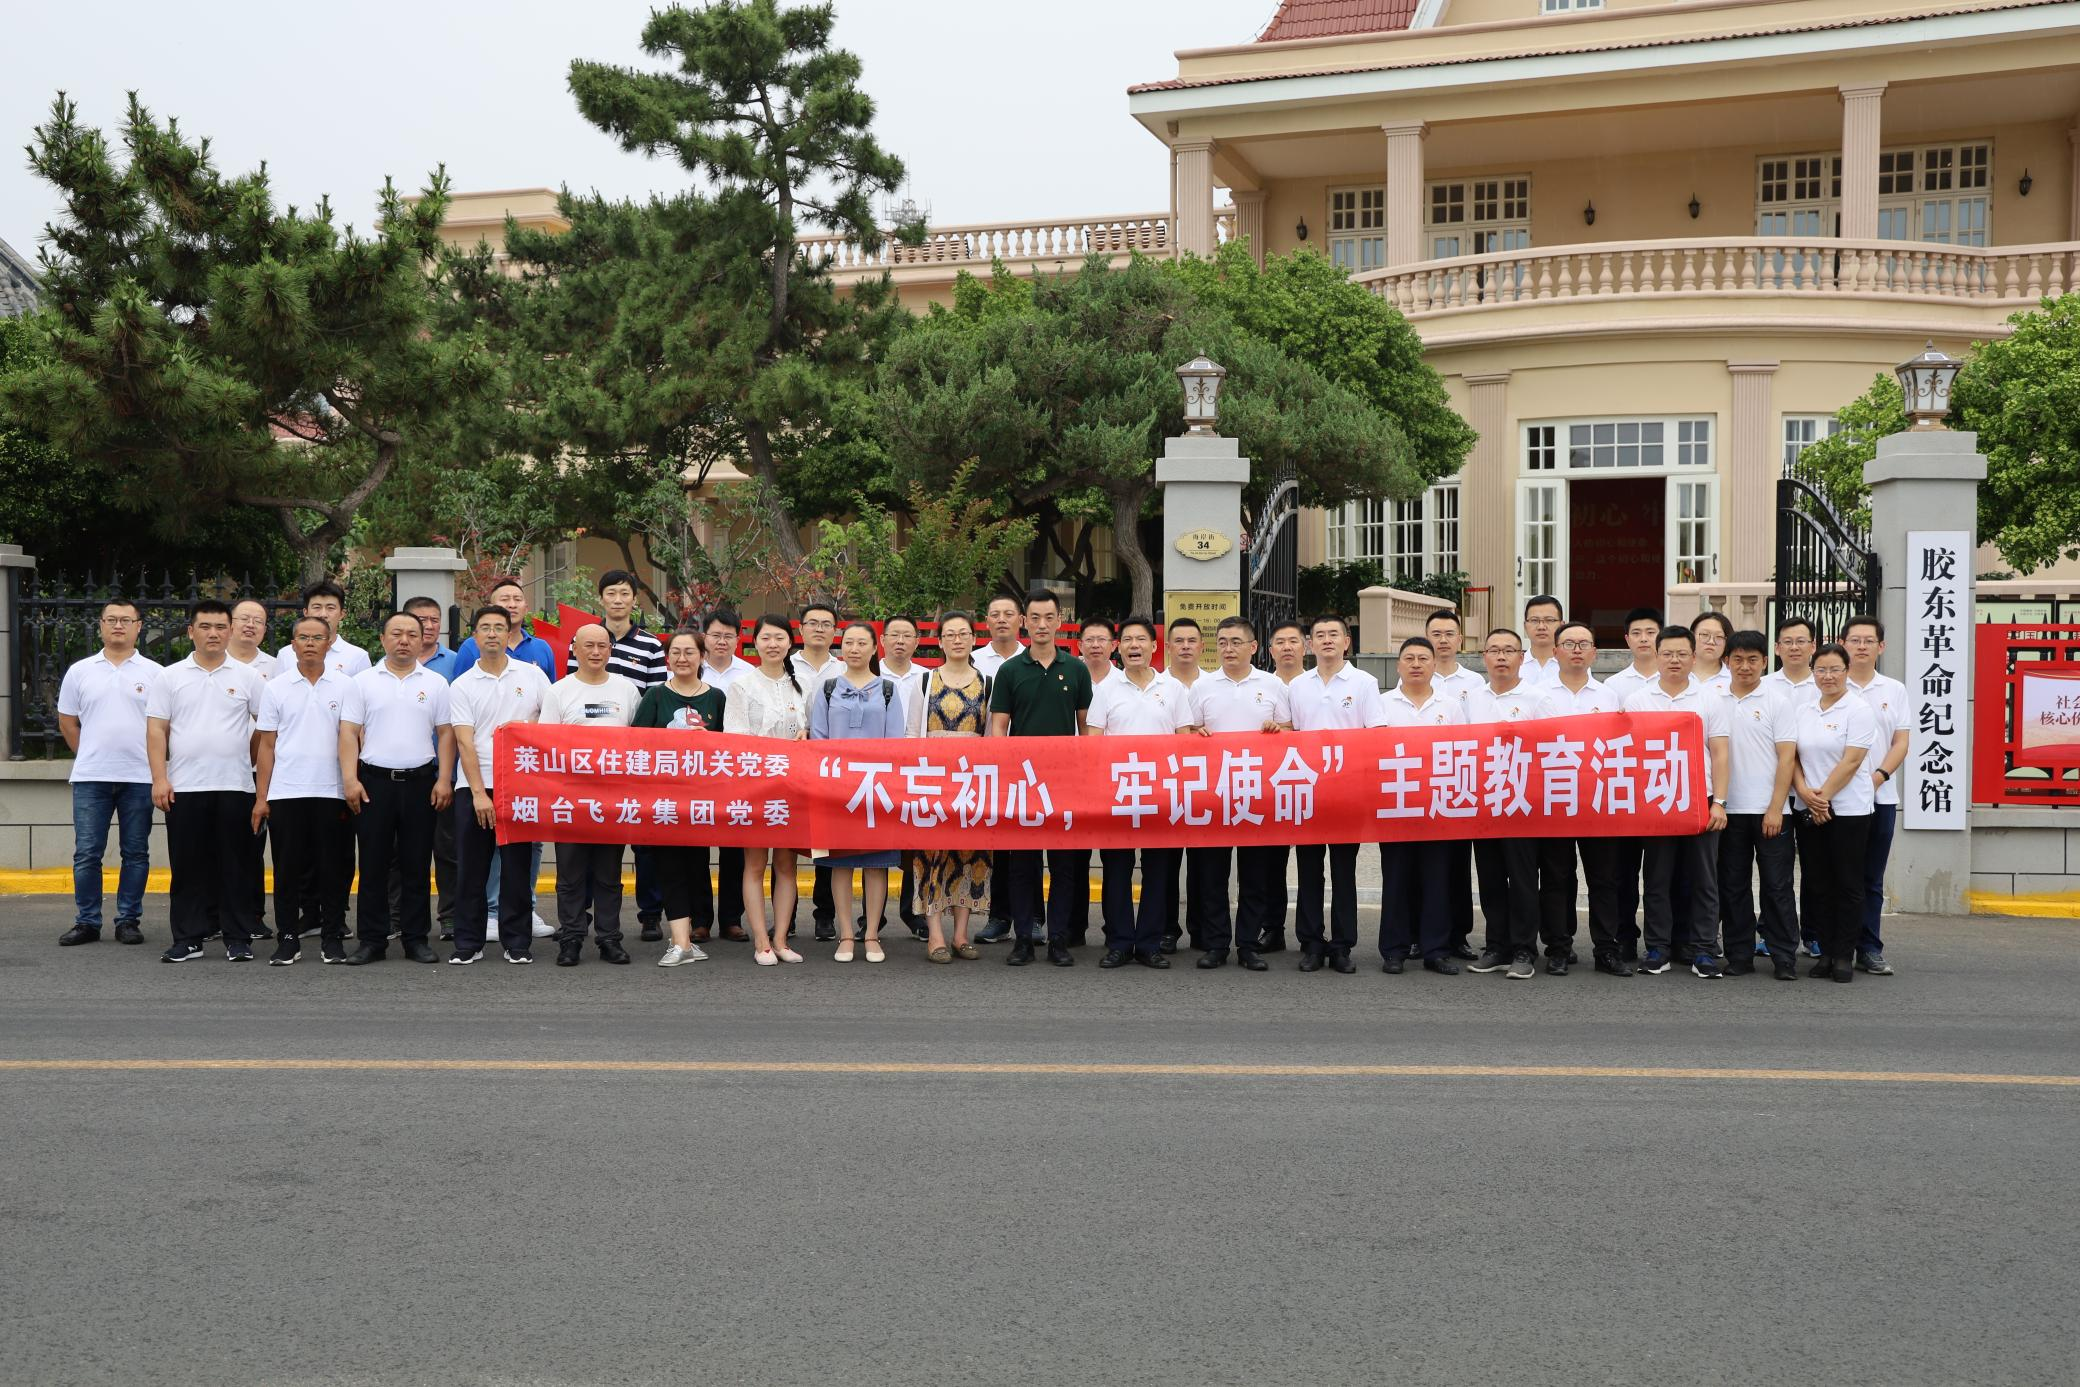 2019年7月集团公司党员参观胶东革命烈士纪念馆